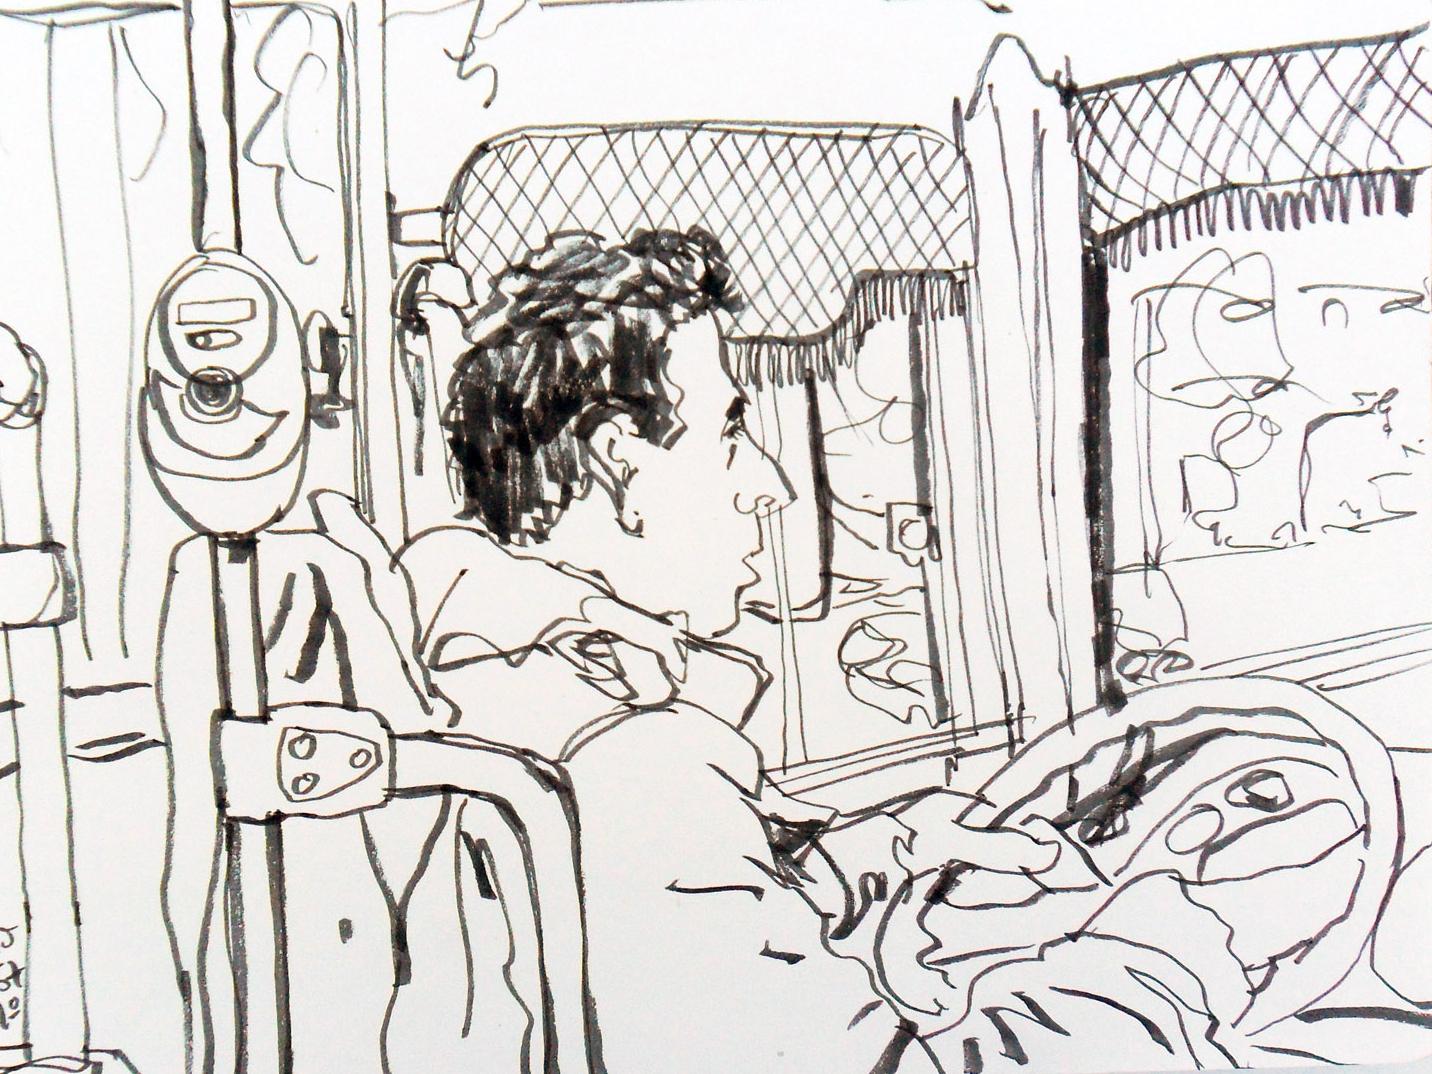 Line 67 Bus Driver bus public transport urban sketching sketchbook art illustration drawing